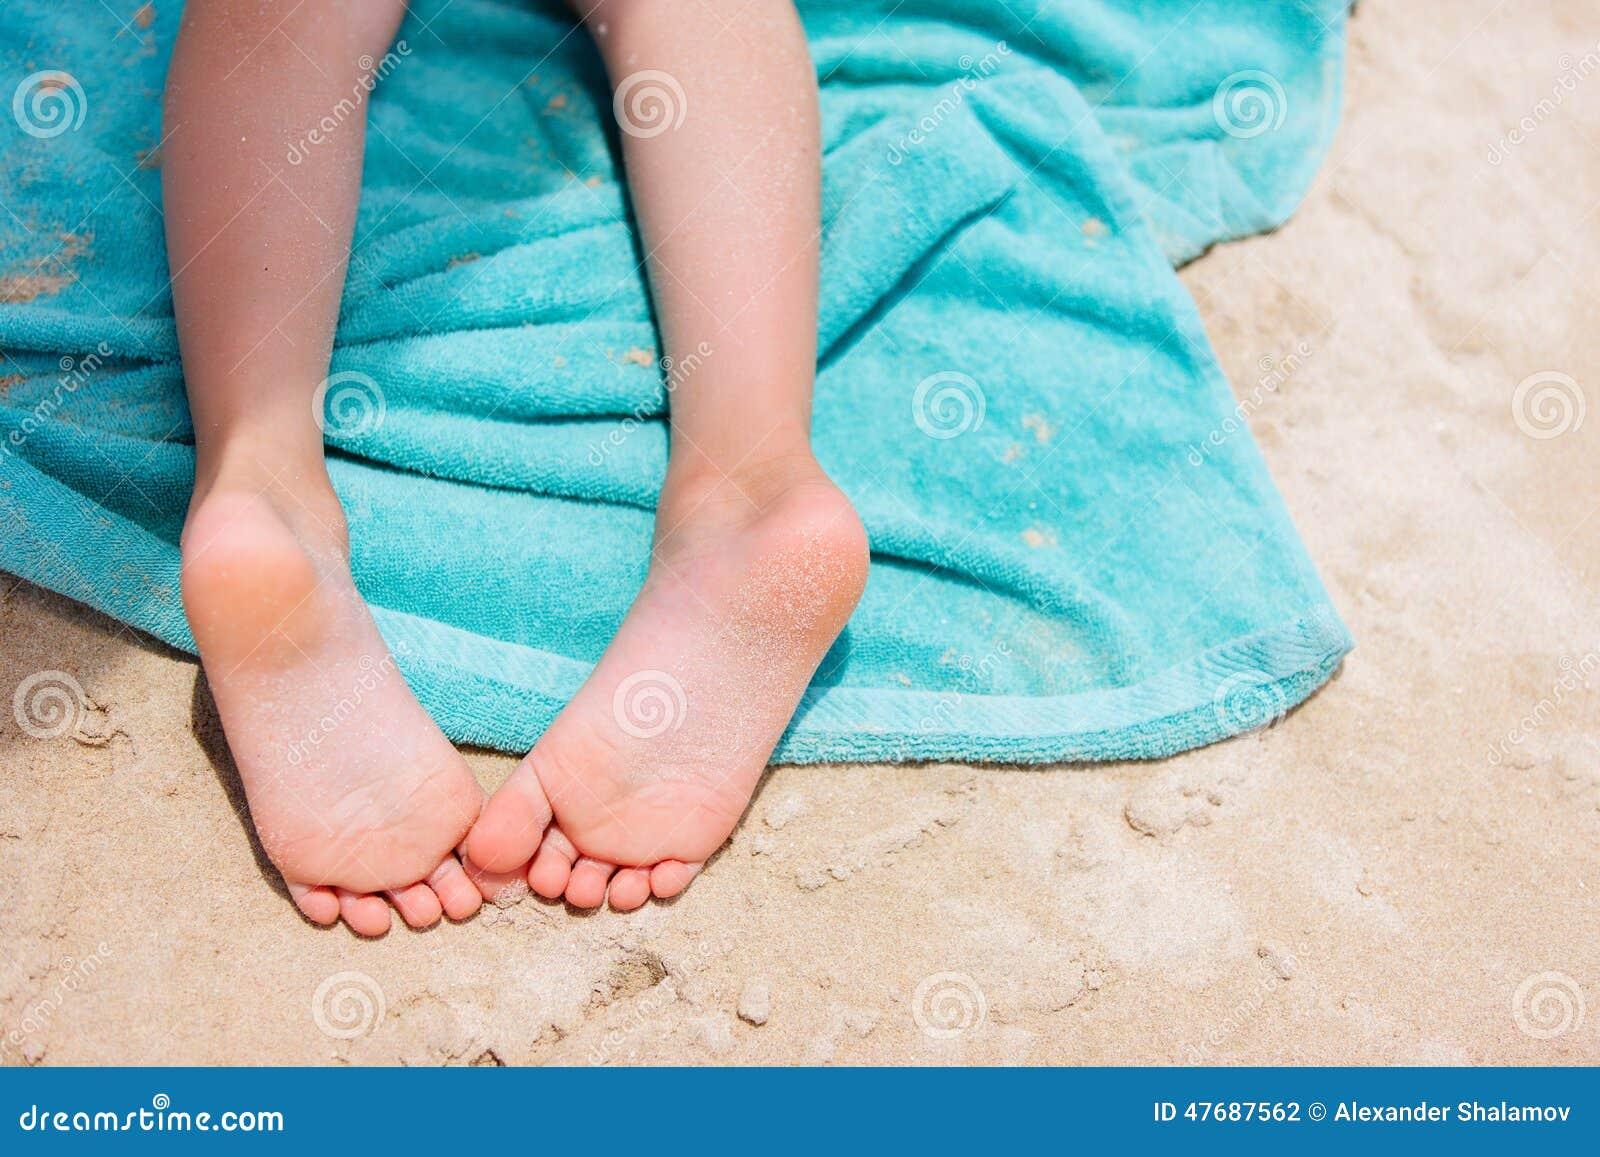 Pieds De Petite Fille Sur Une Serviette De Plage Photo stock - Image ...